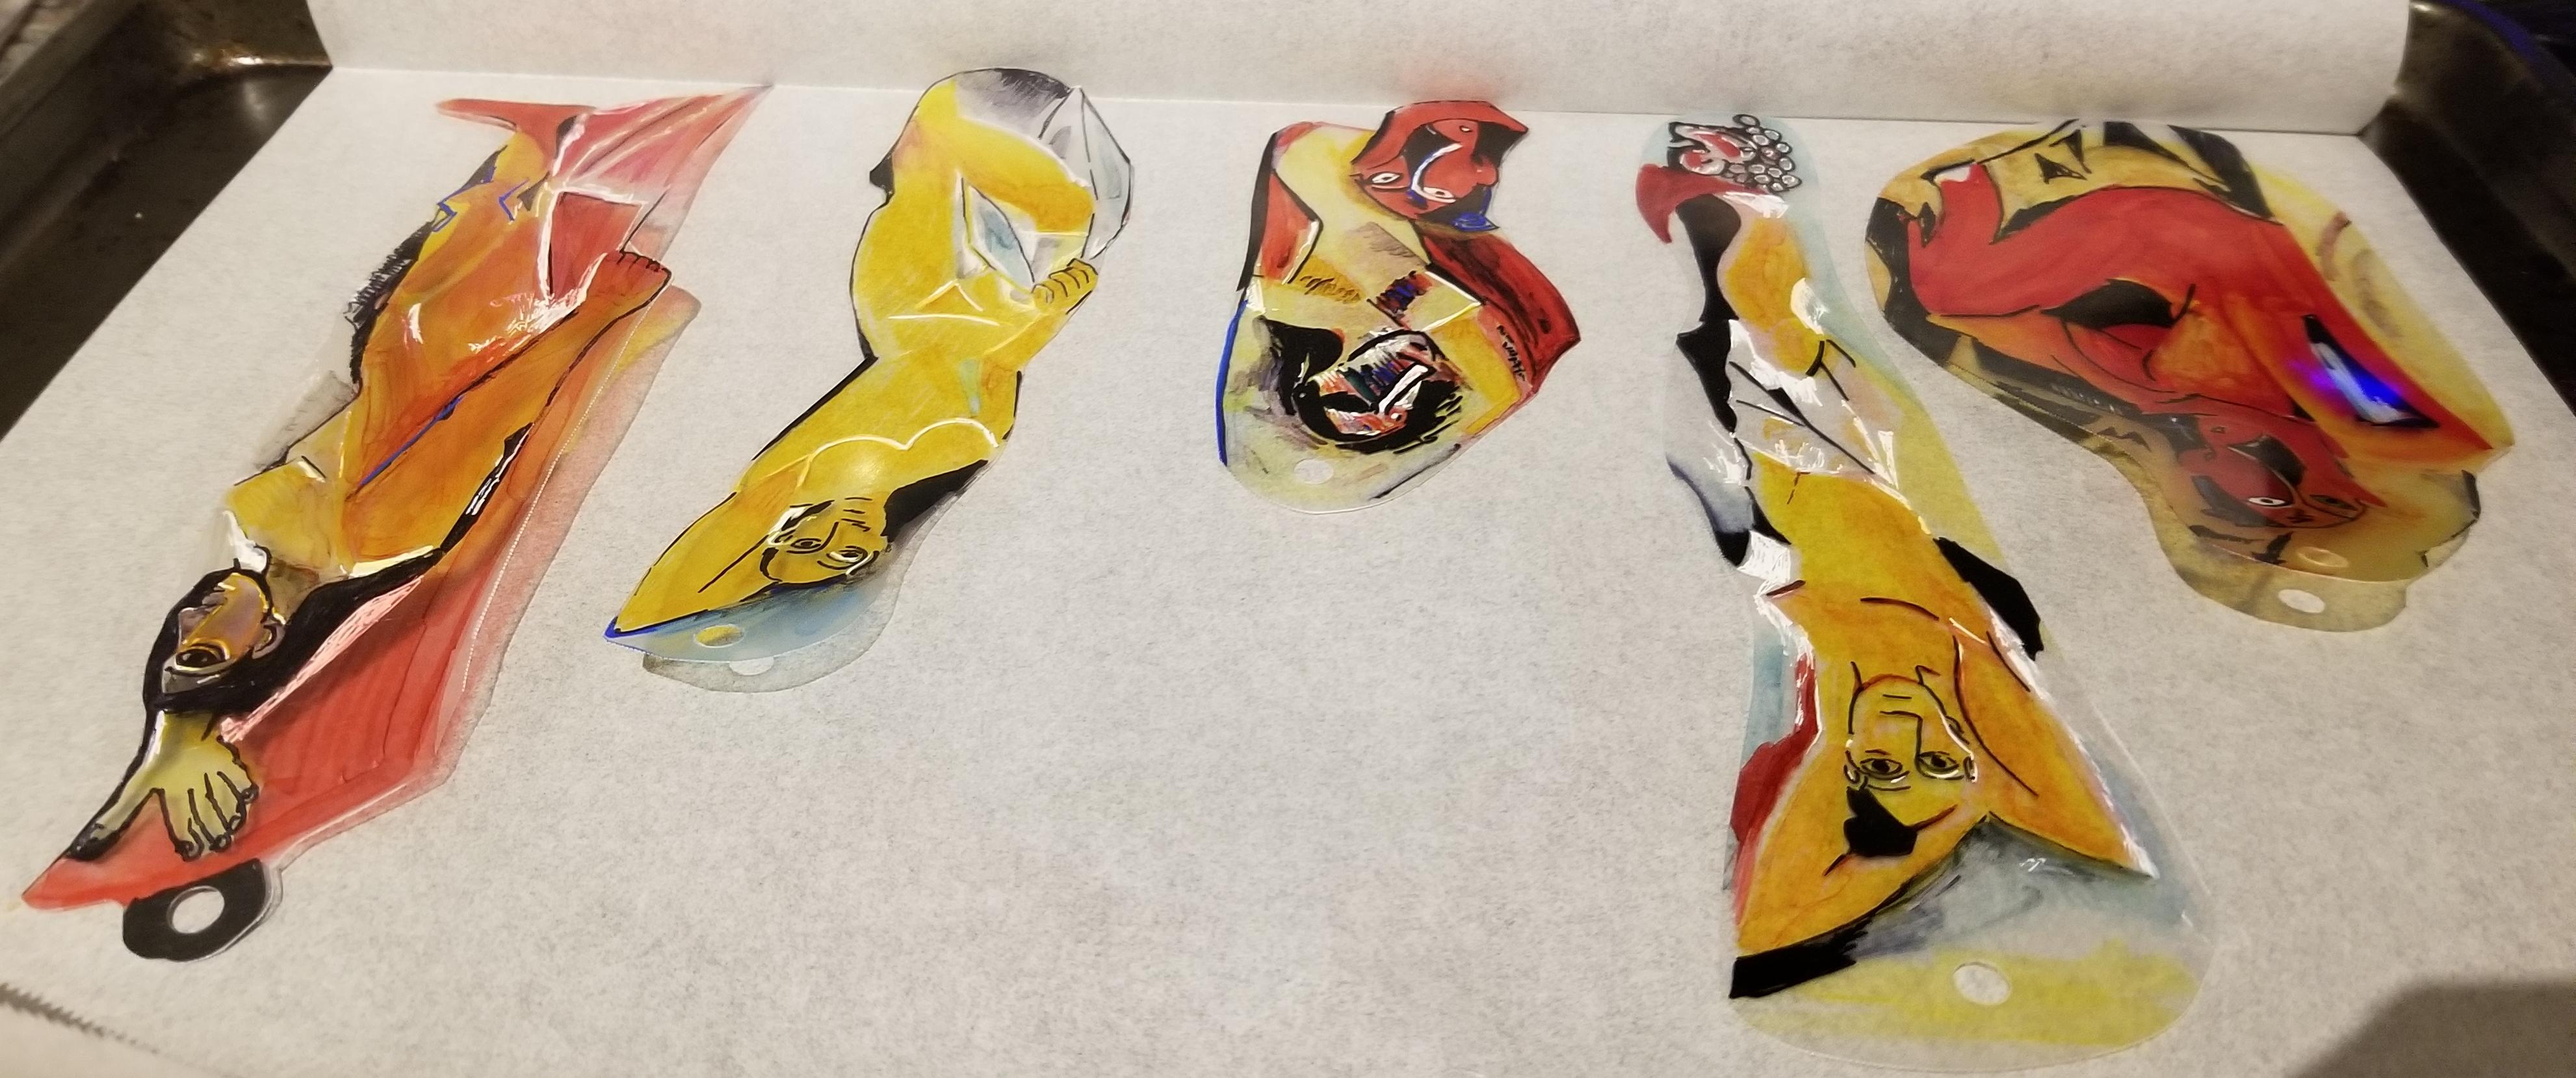 Pablo Picasso Les Demoiselles d'Avignon On the Tray 2